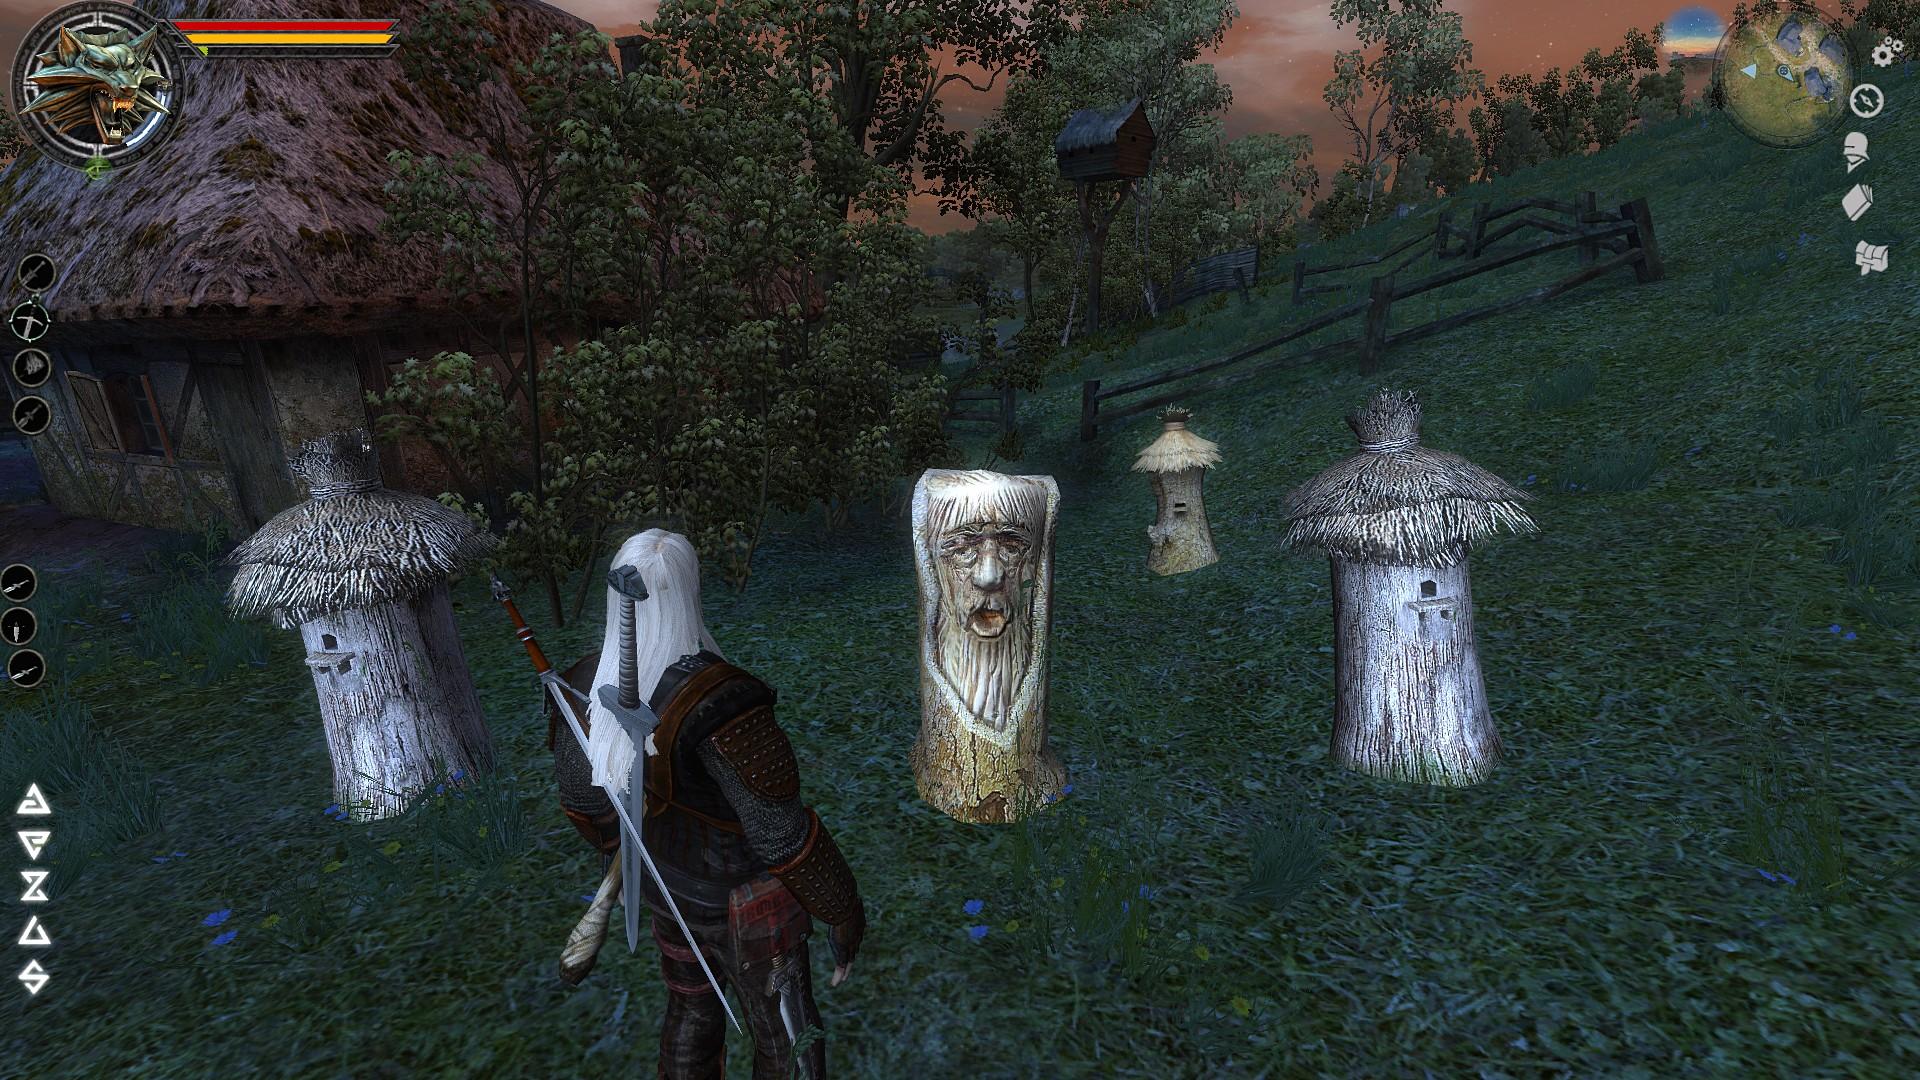 Красивая пасека - Witcher, the